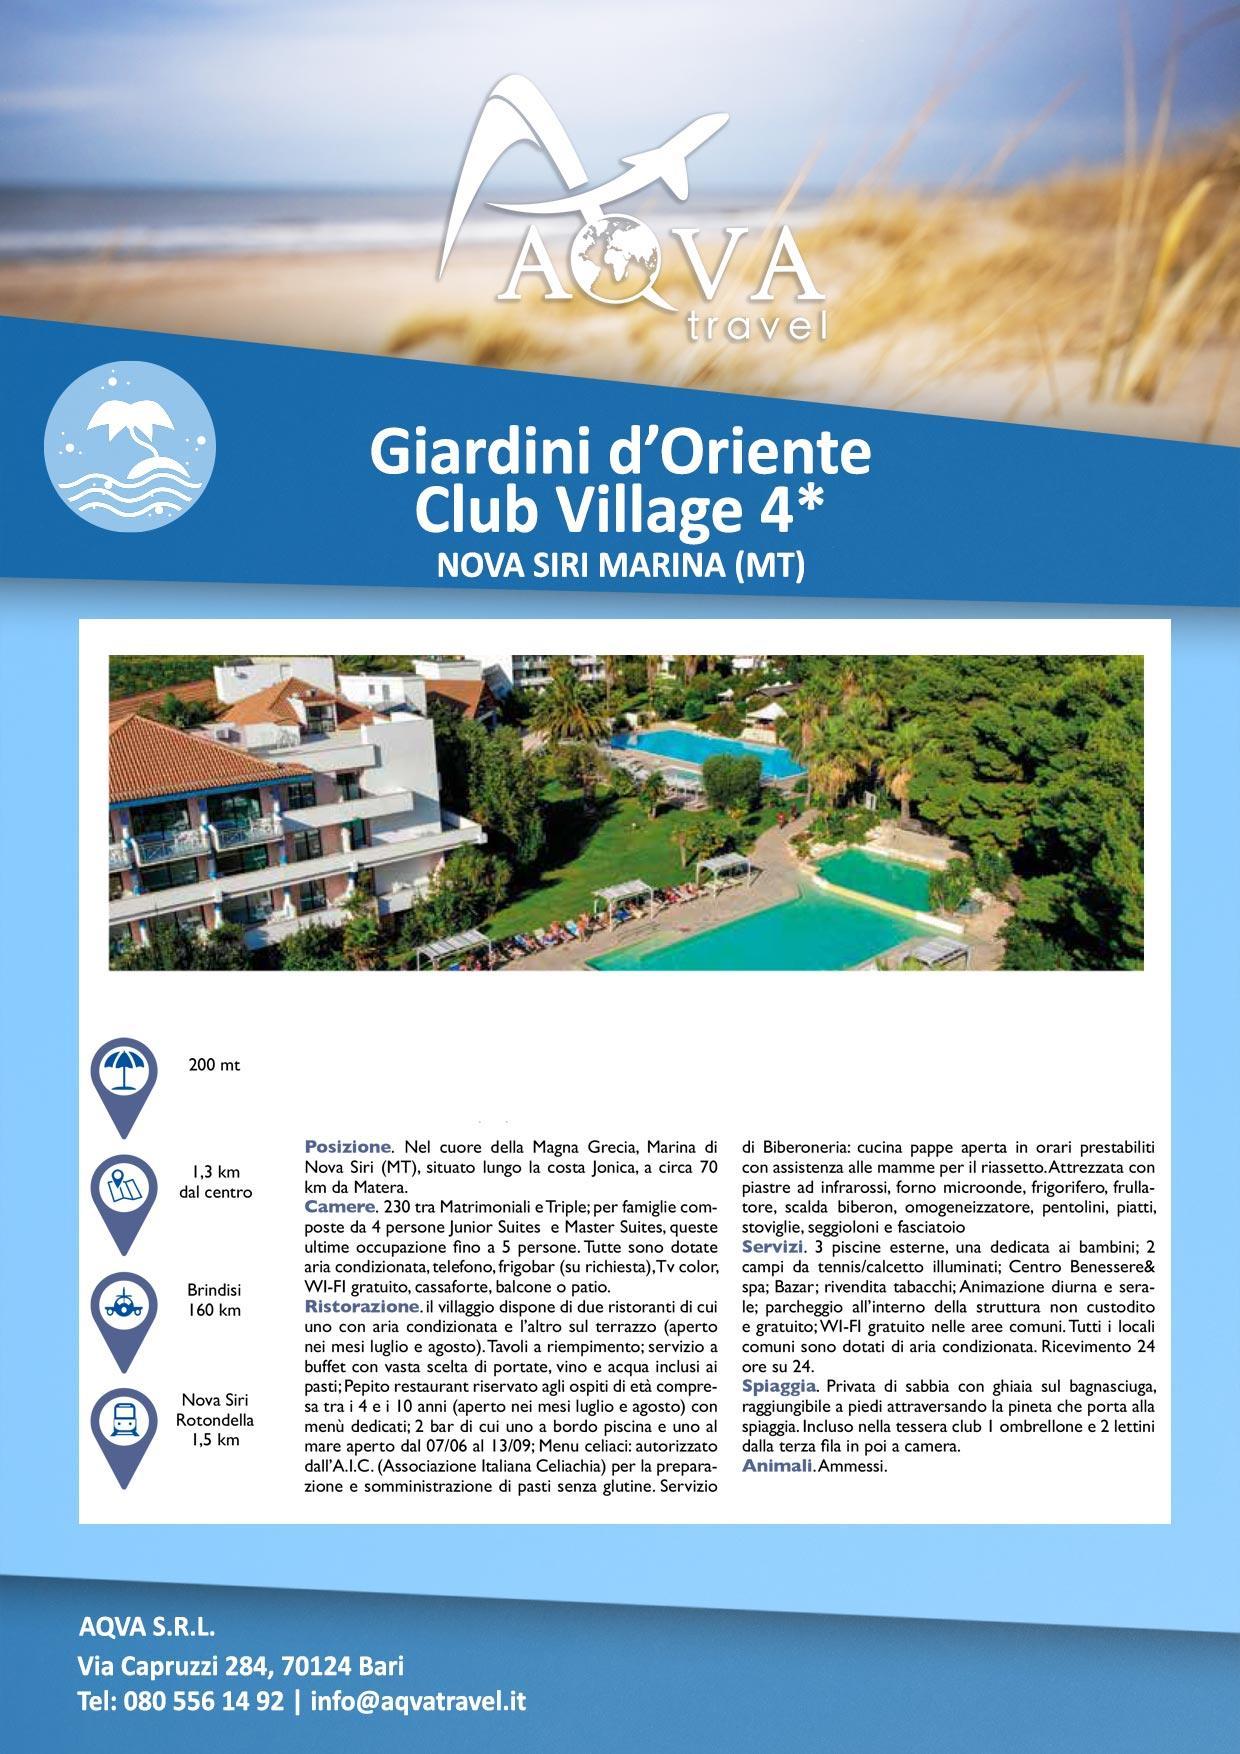 Giardini-d'Oriente-Club-Village-4-Mare-offerte-agenzia-di-viaggi-Bari-AQVATRAVEL-it